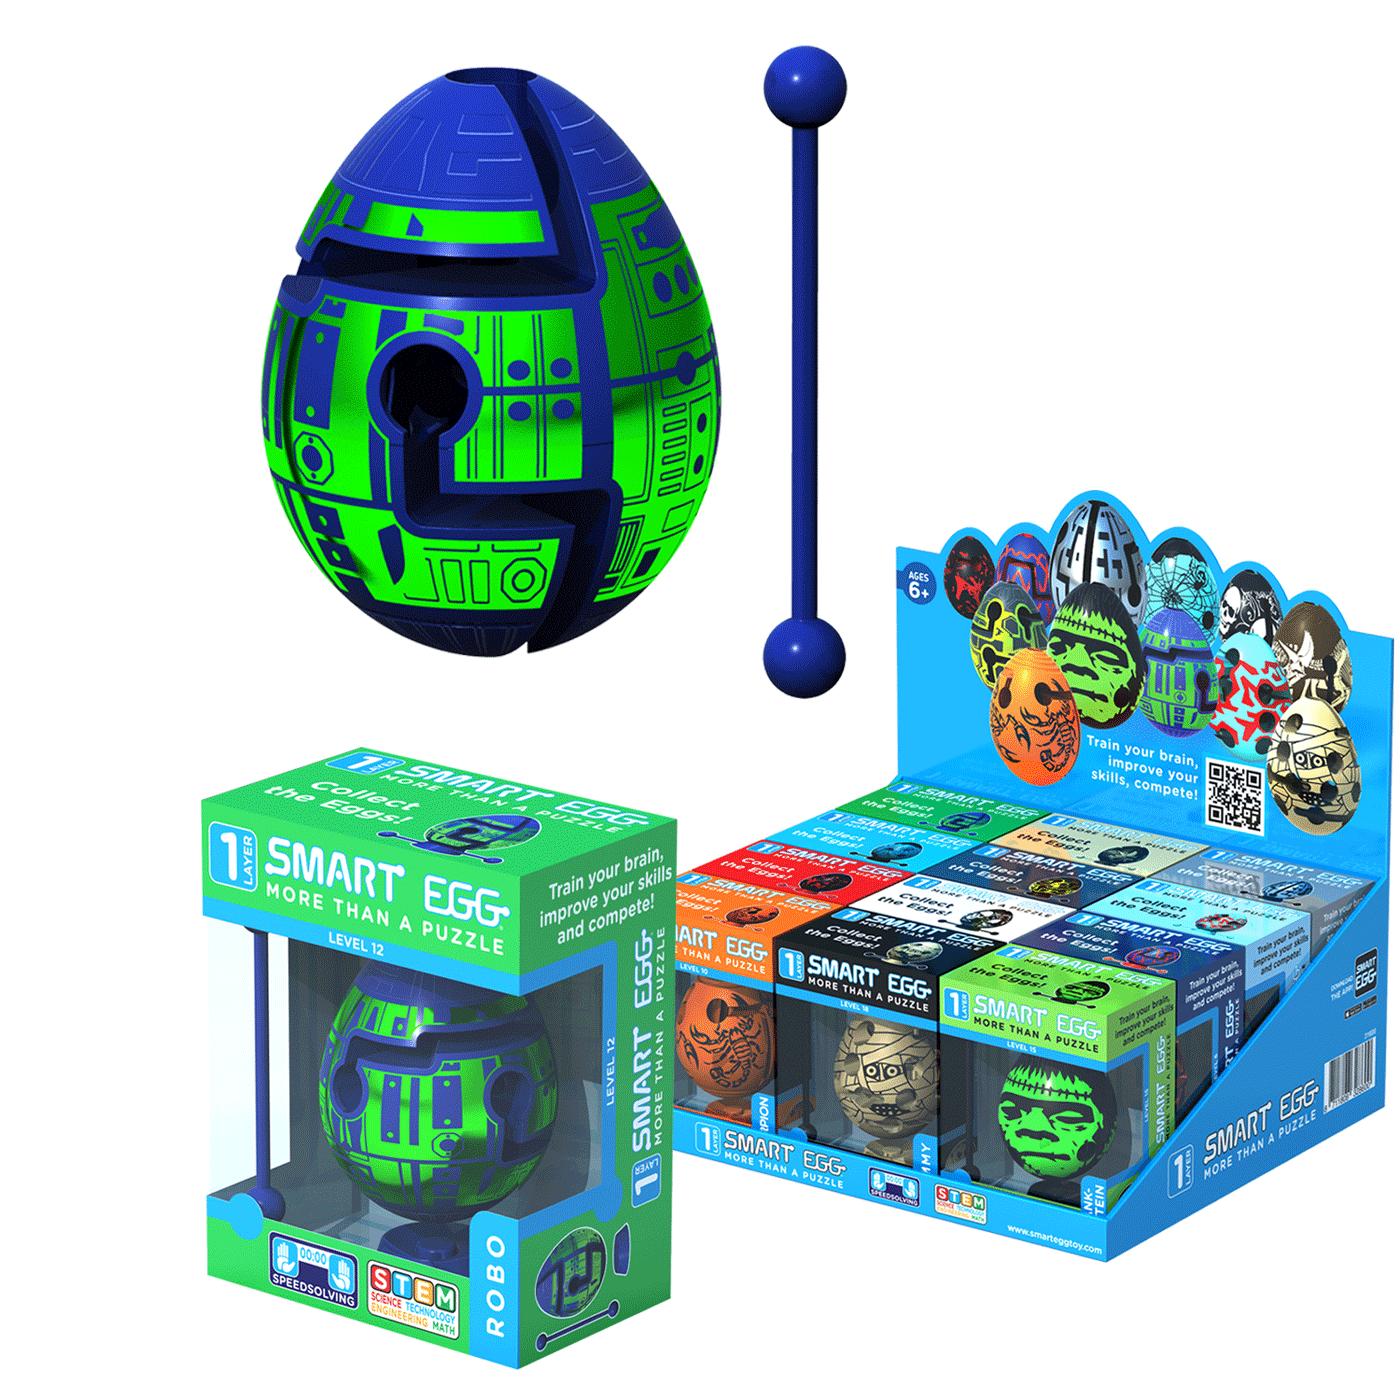 Starter Eggs